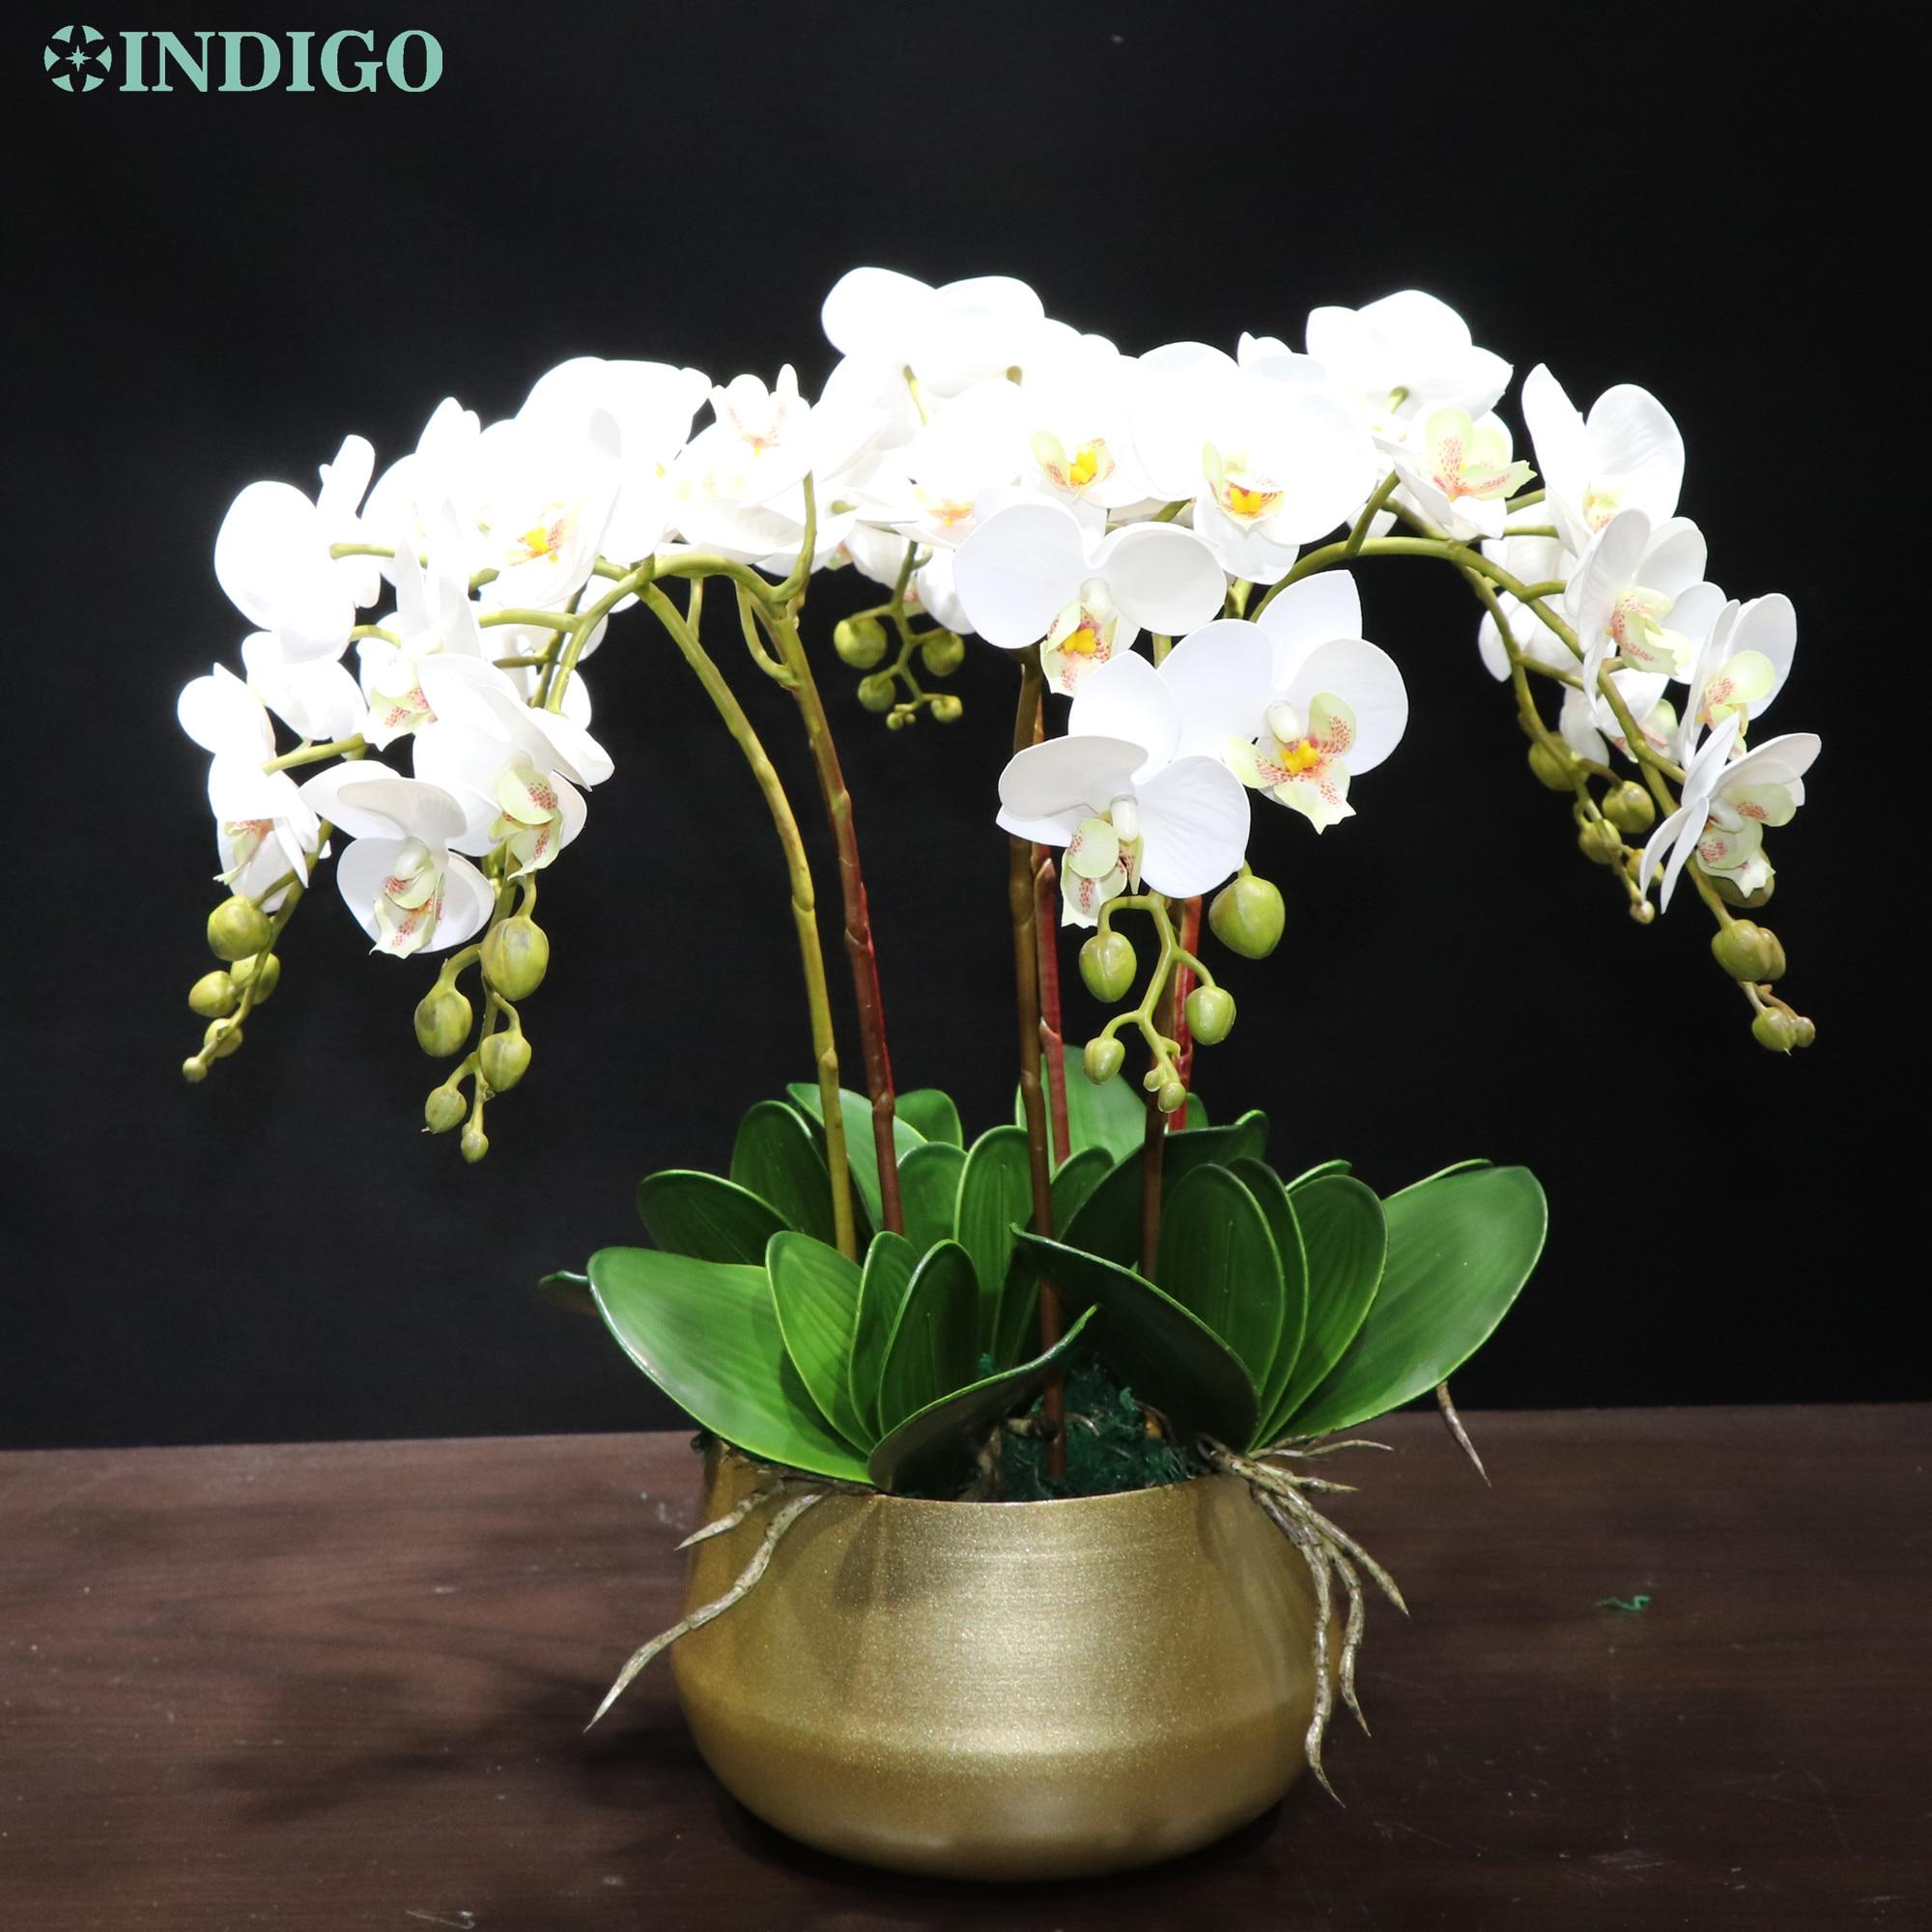 Индиго-Белая орхидея (7 шт. Орхидея + 5 шт. листья + горшок) Сделай сам цветок аранжирование настоящий сенсорный цветок офисное украшение событ...